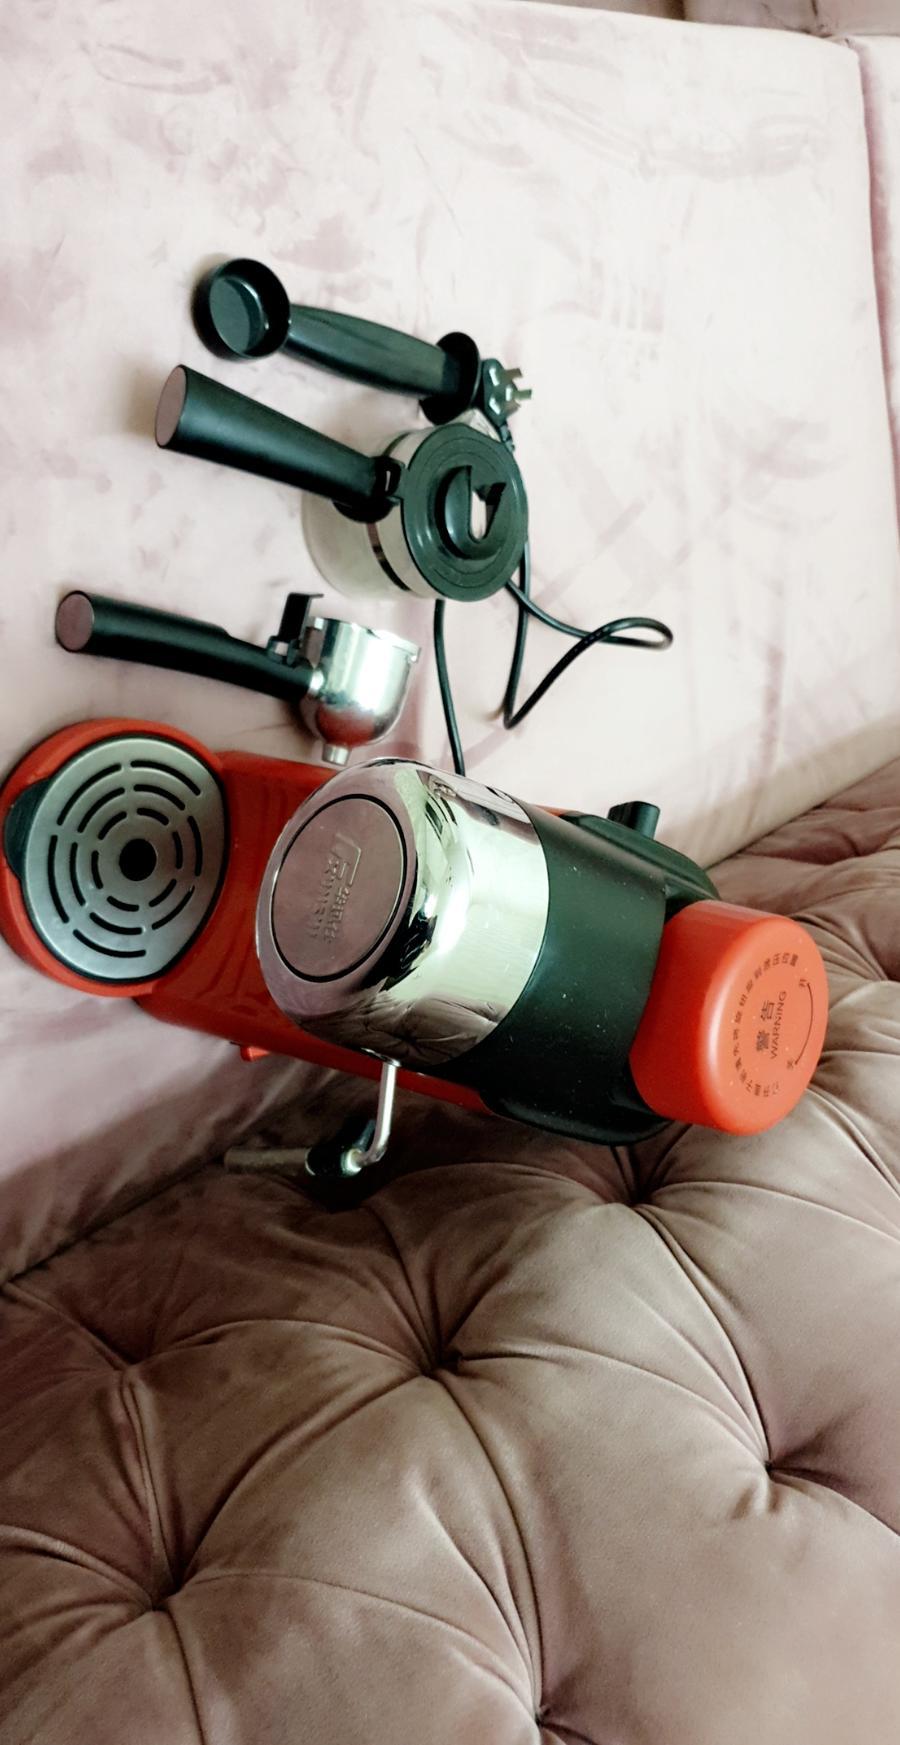 مكينة صنع القهوة من Fxunshi بتصميم عملي مبتكر